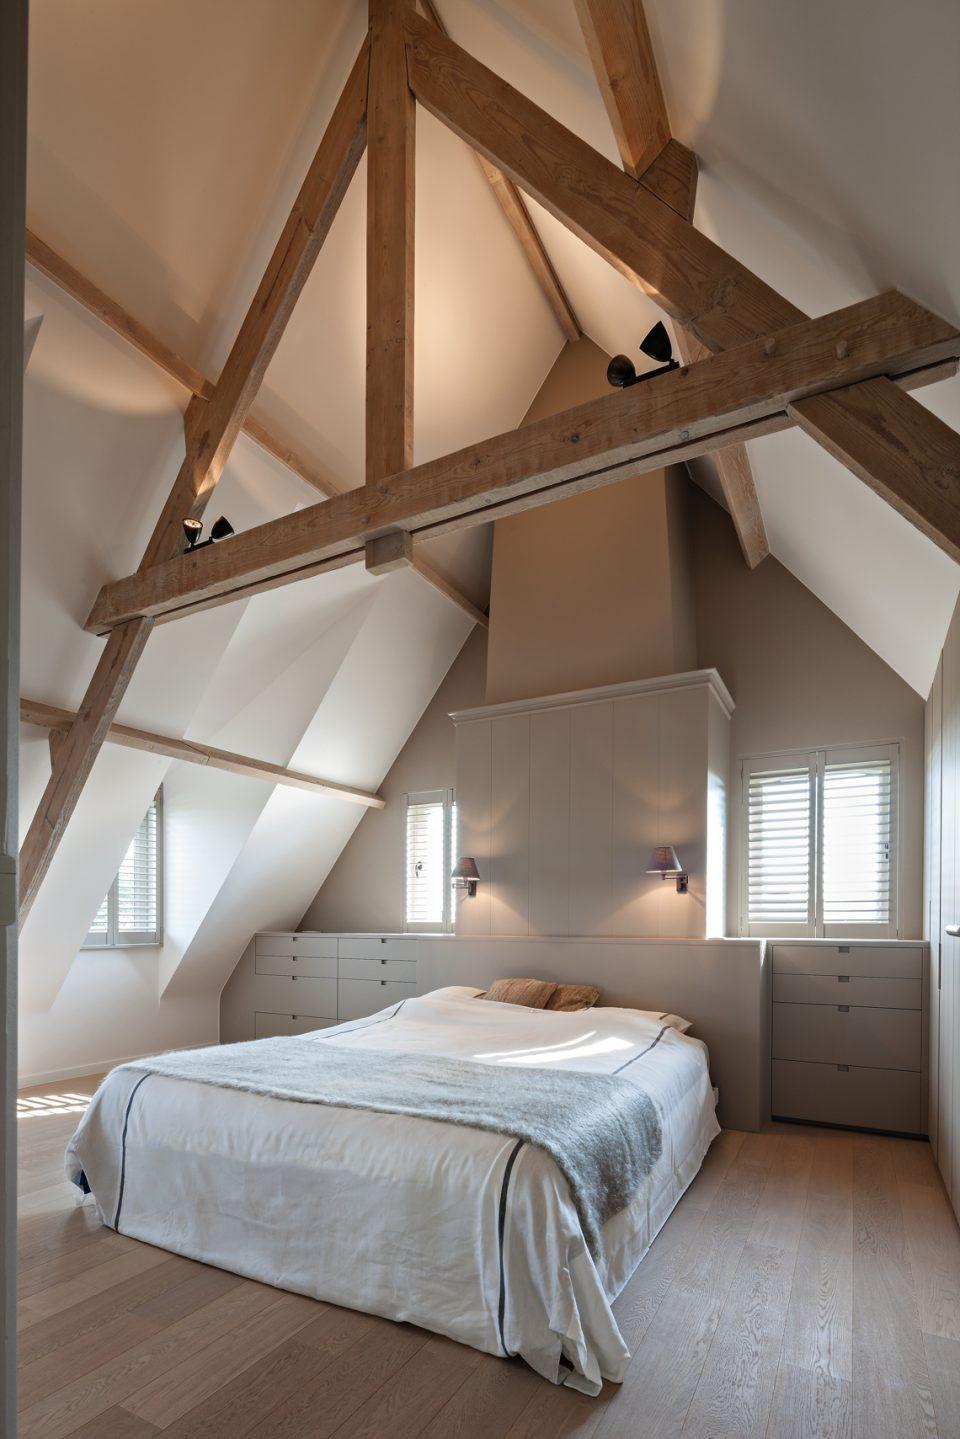 Slaapkamer met houten planken aan het plafond | slaapkamer ...